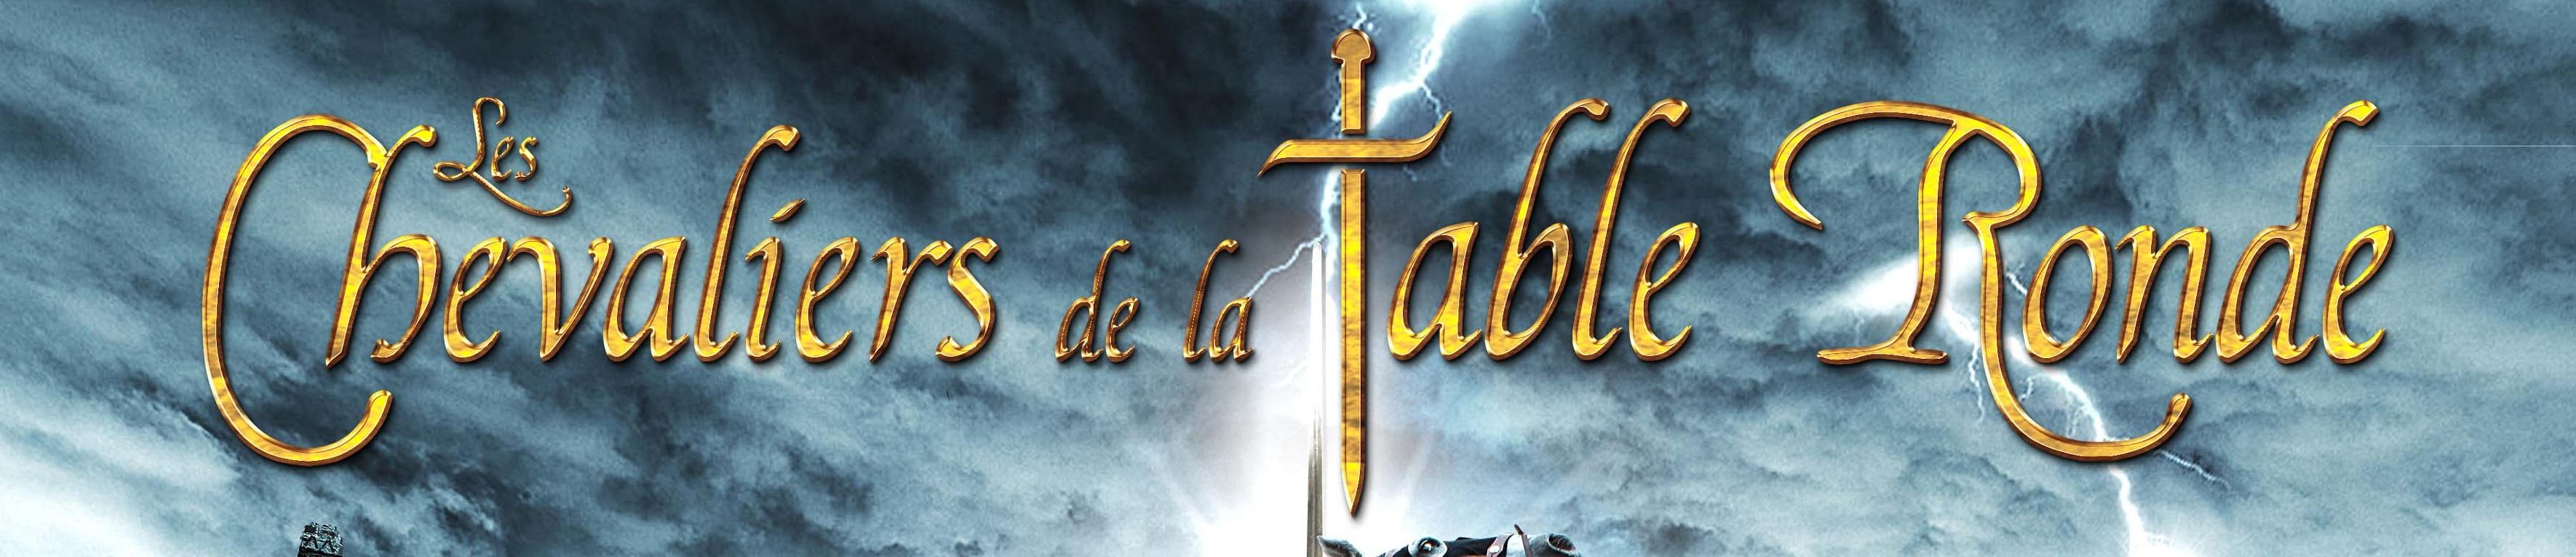 Les chevaliers de la table ronde - Les chevaliers de la table ronde puy du fou ...